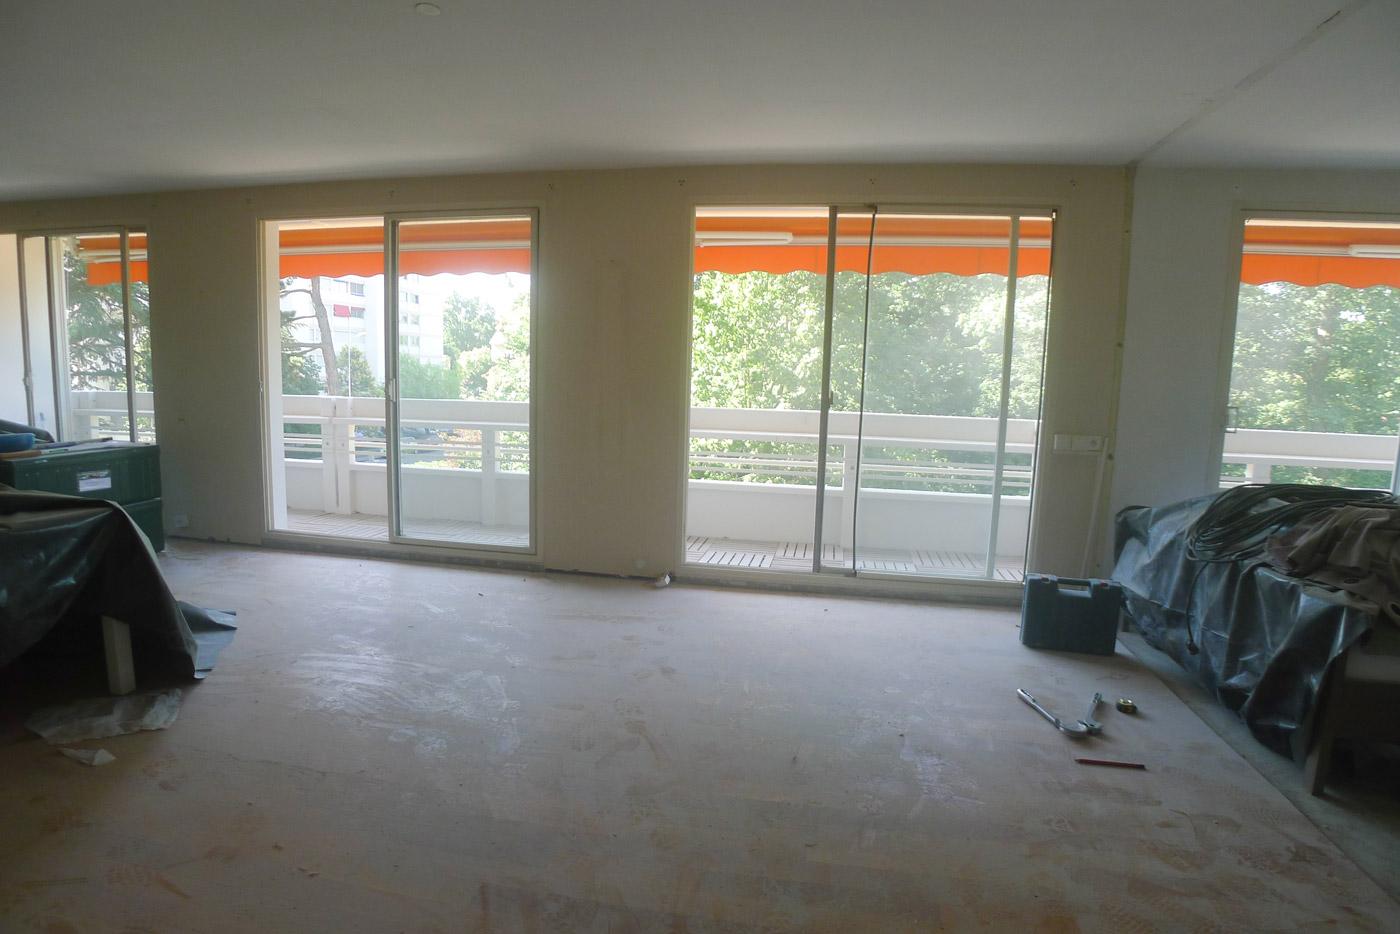 Quelles solutions pour un projet d'agrandissement d'un appartement